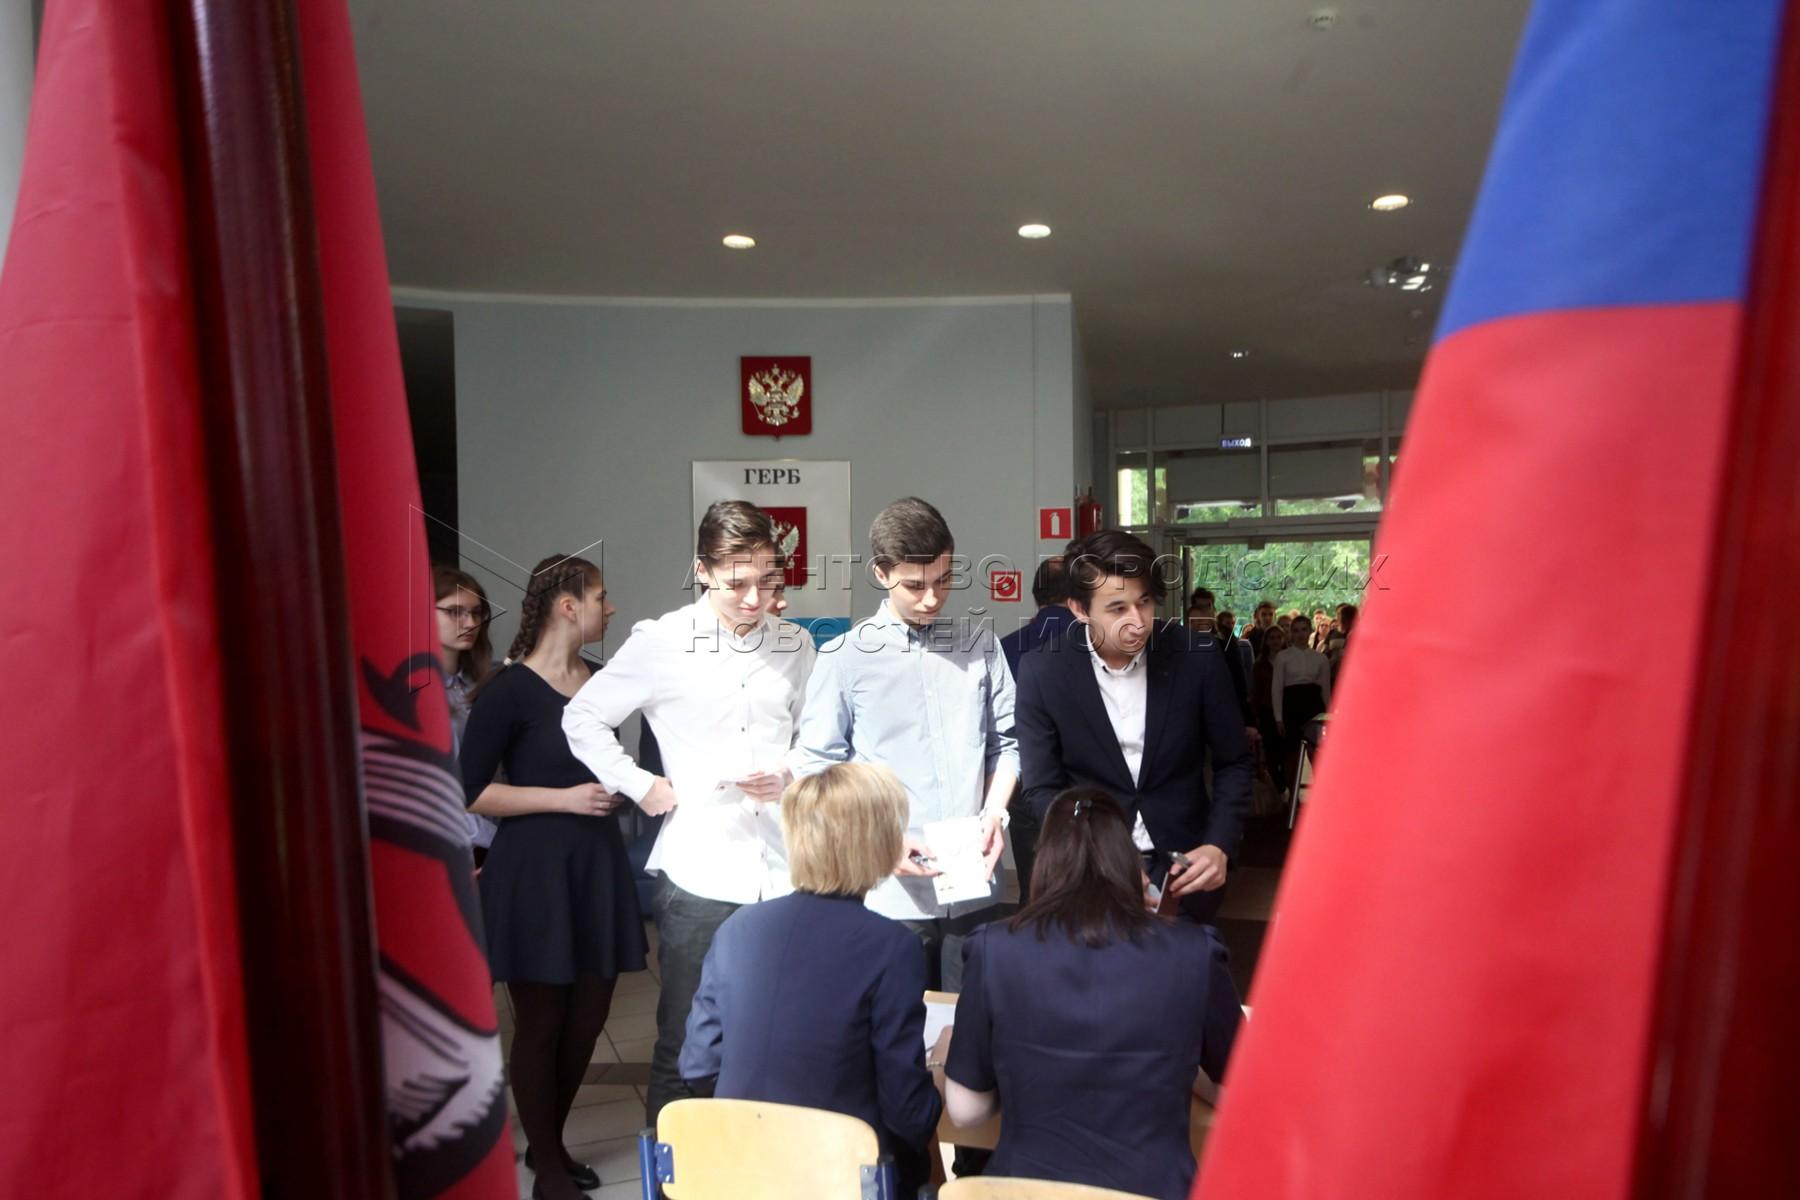 Выпускники перед началом проведения ЕГЭ по русскому языку в средней общеобразовательной школе №152.